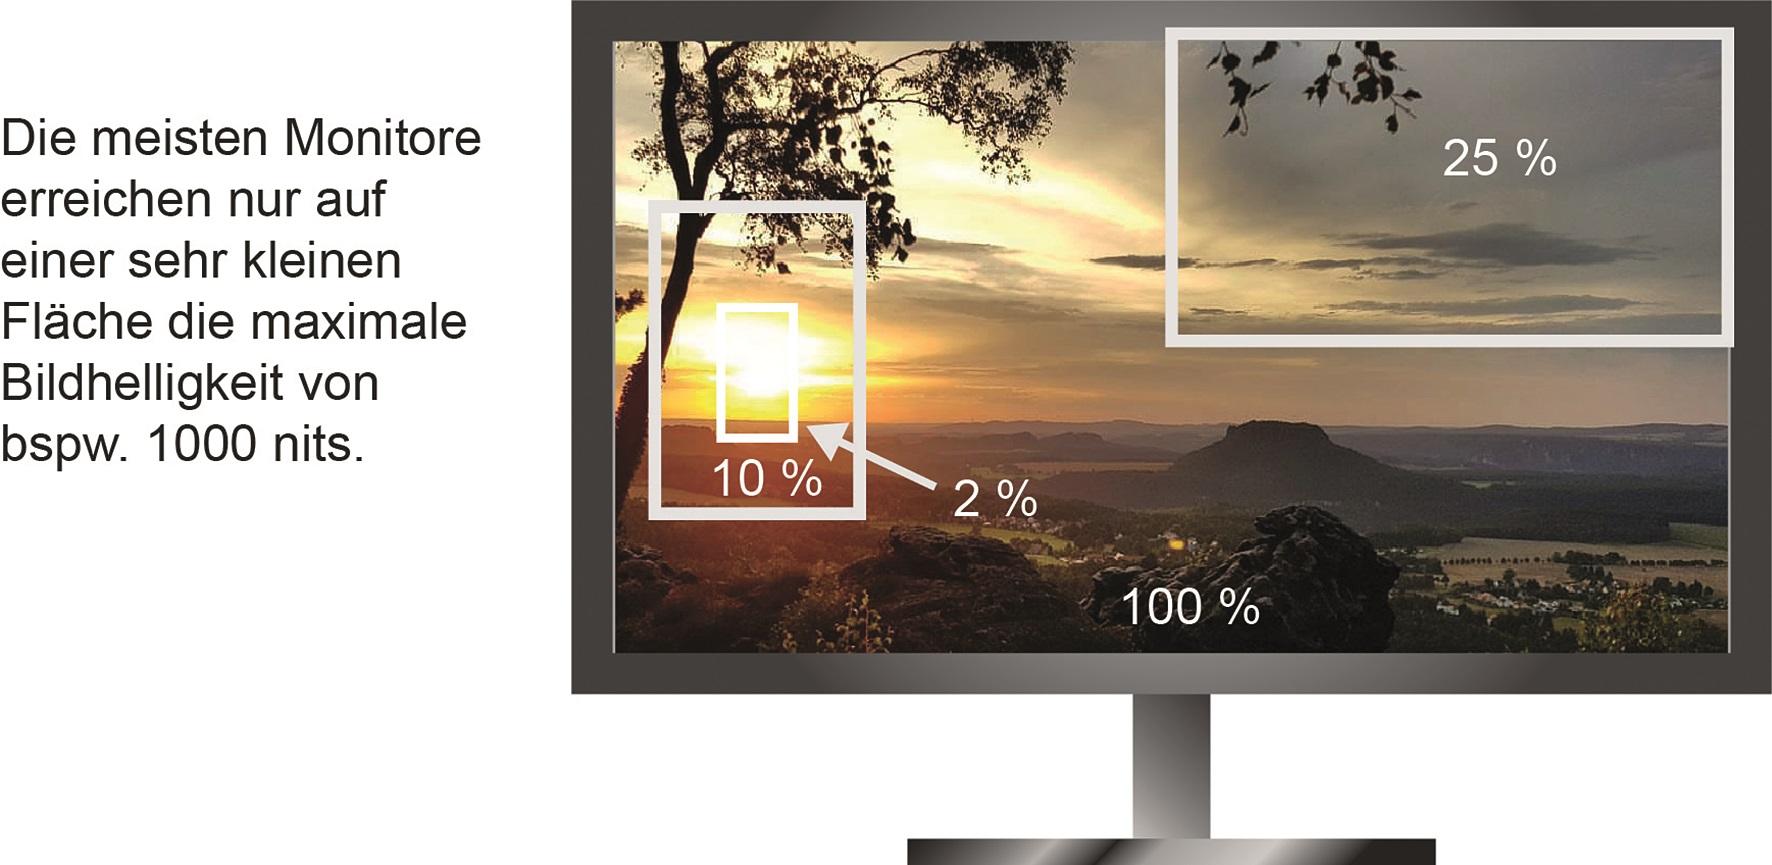 """Der beste """"Consumer-Referenzmonitor"""" mit genug Lichtleistung ist der Panasonic TX-65DXW9O4 (LCD): Über 8OO Nits bei 1OO%, derzeit bester HDR-Bildschirm. Und wenn er gut kalibriert wurde, übertrumpft er sogar den Sony X3OO, was den HDR-Effekt angeht."""